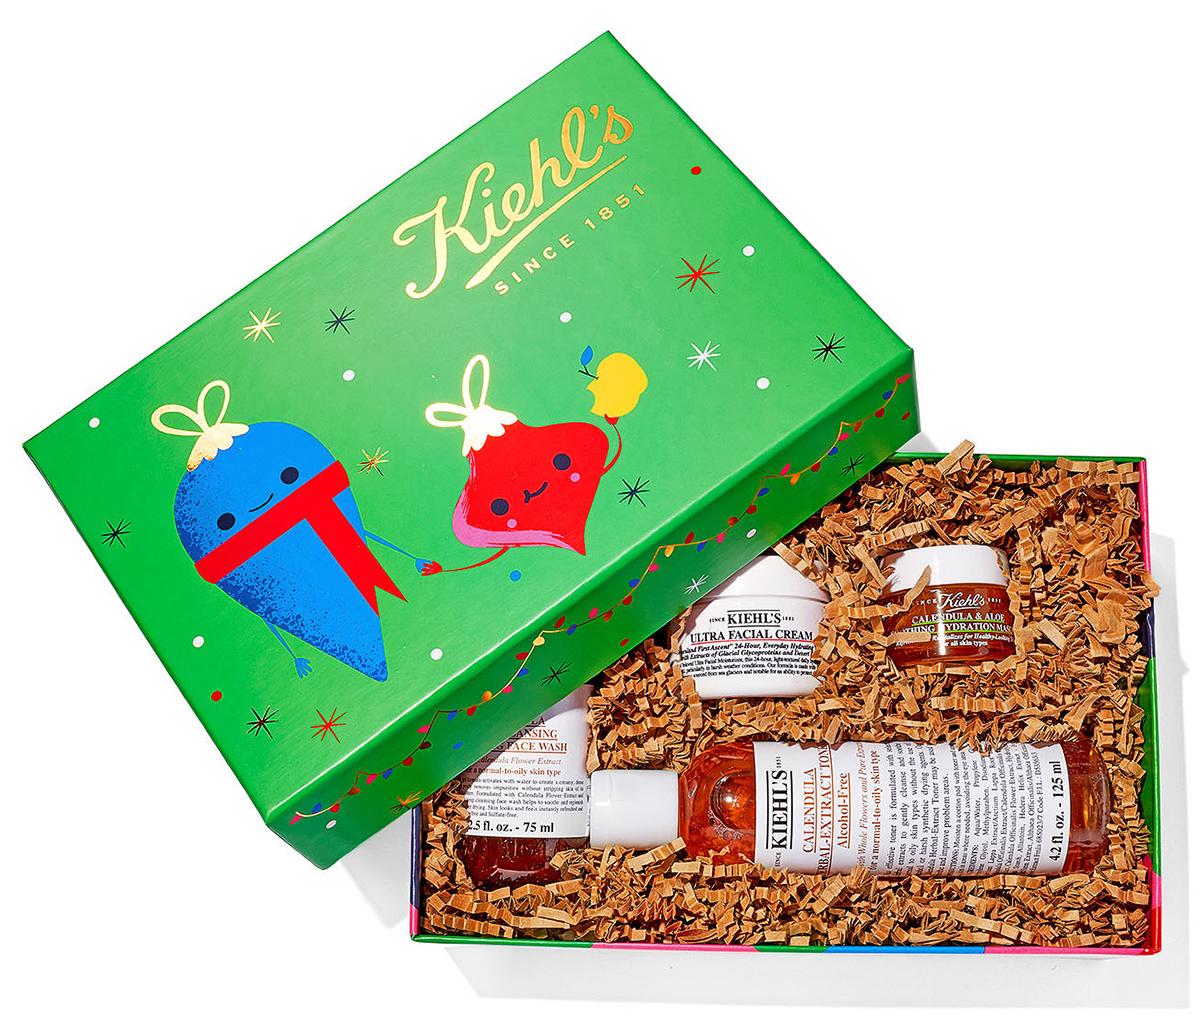 kiehl's skin care kit gift